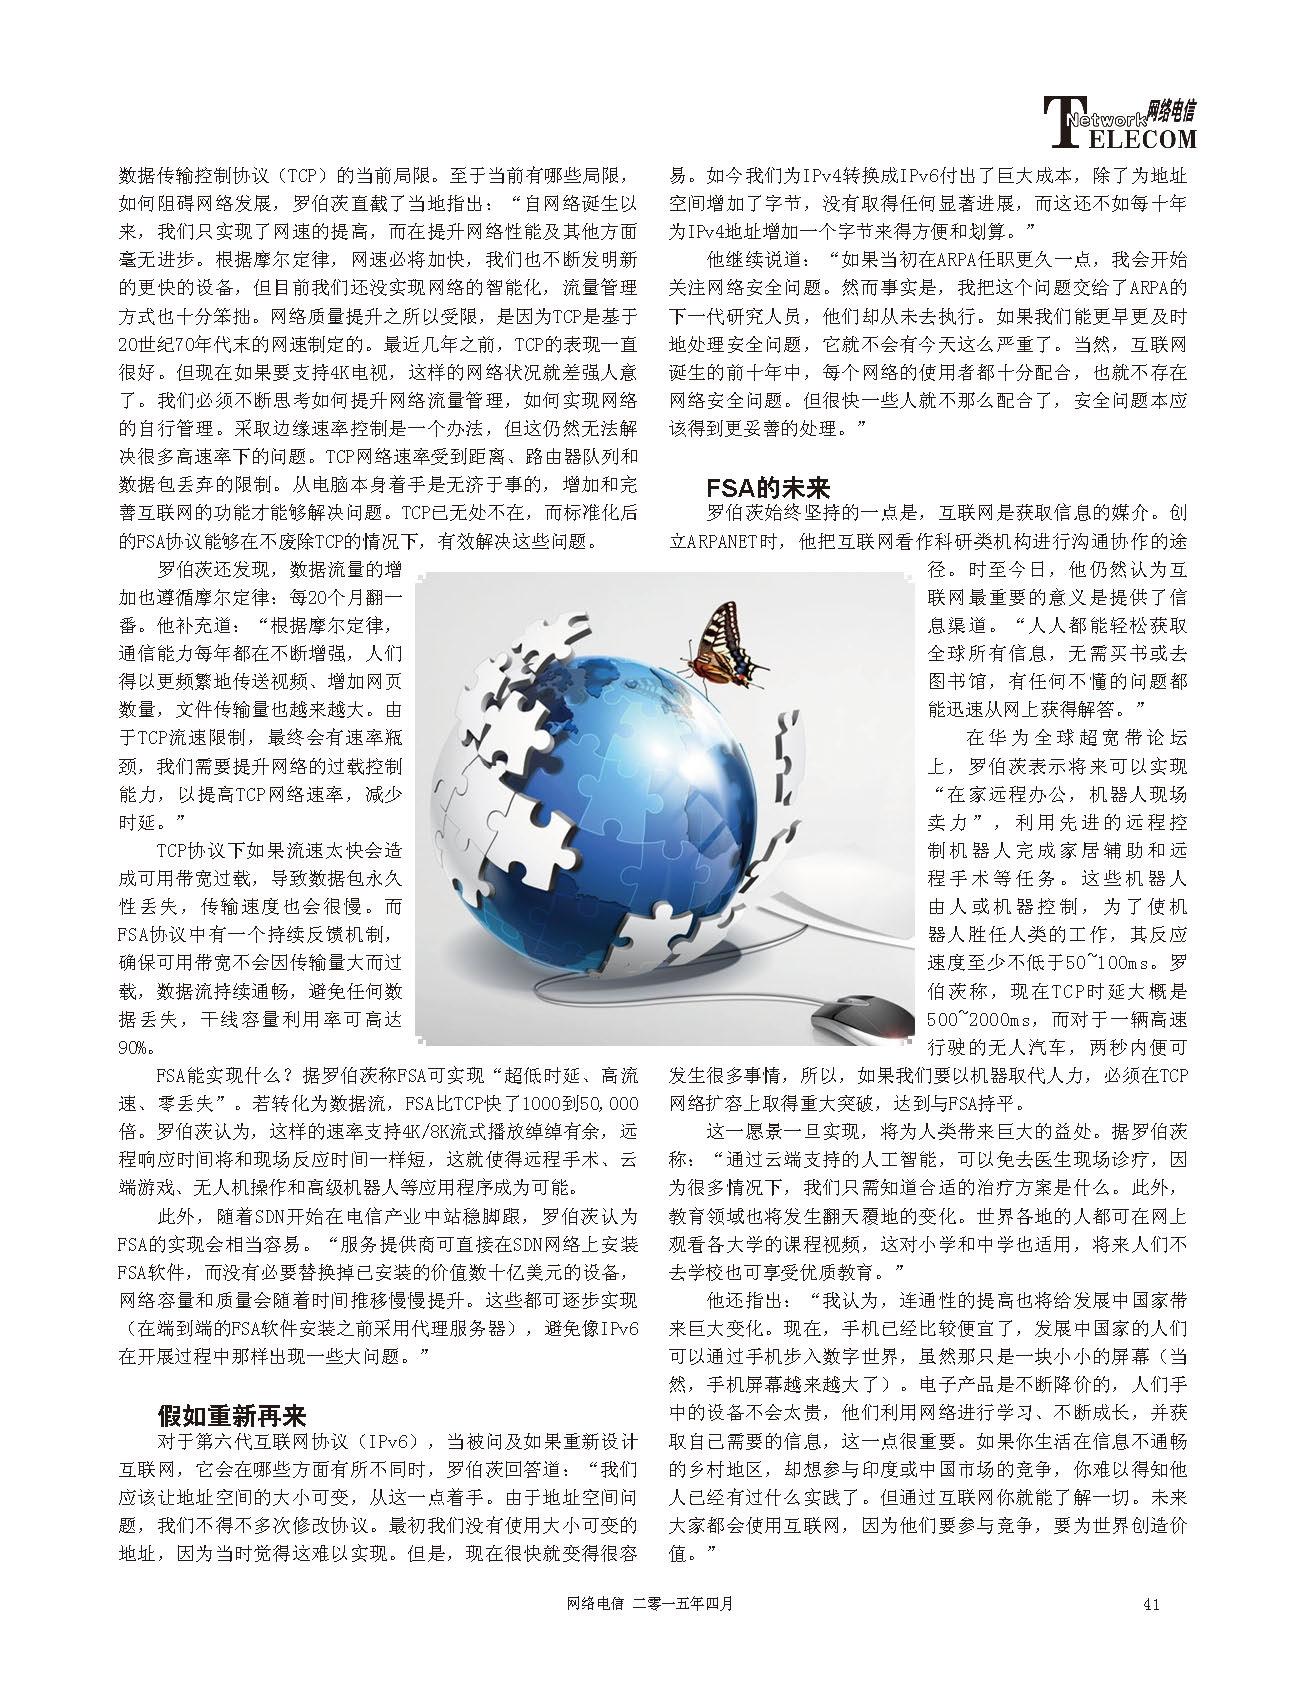 电信2015-04_页面_41.jpg